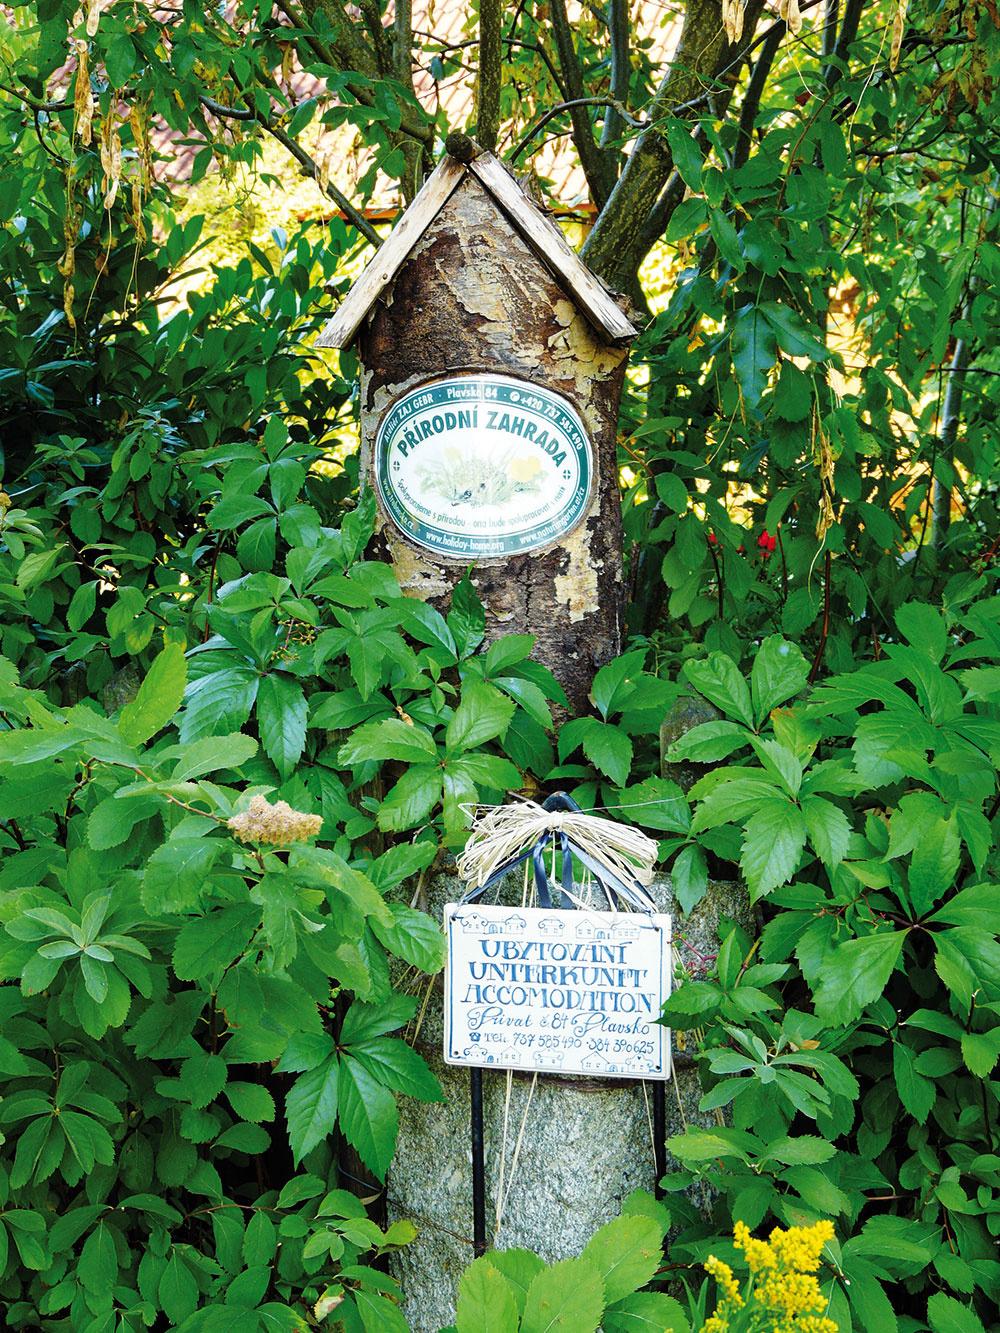 Ukážková prírodná záhrada. Kým si záhrada toto ocenenie zaslúžila, museli majitelia splniť množstvo prísnych podmienok, medzi ktorými nechýbalo napríklad hospodárenie bez použitia chémie.